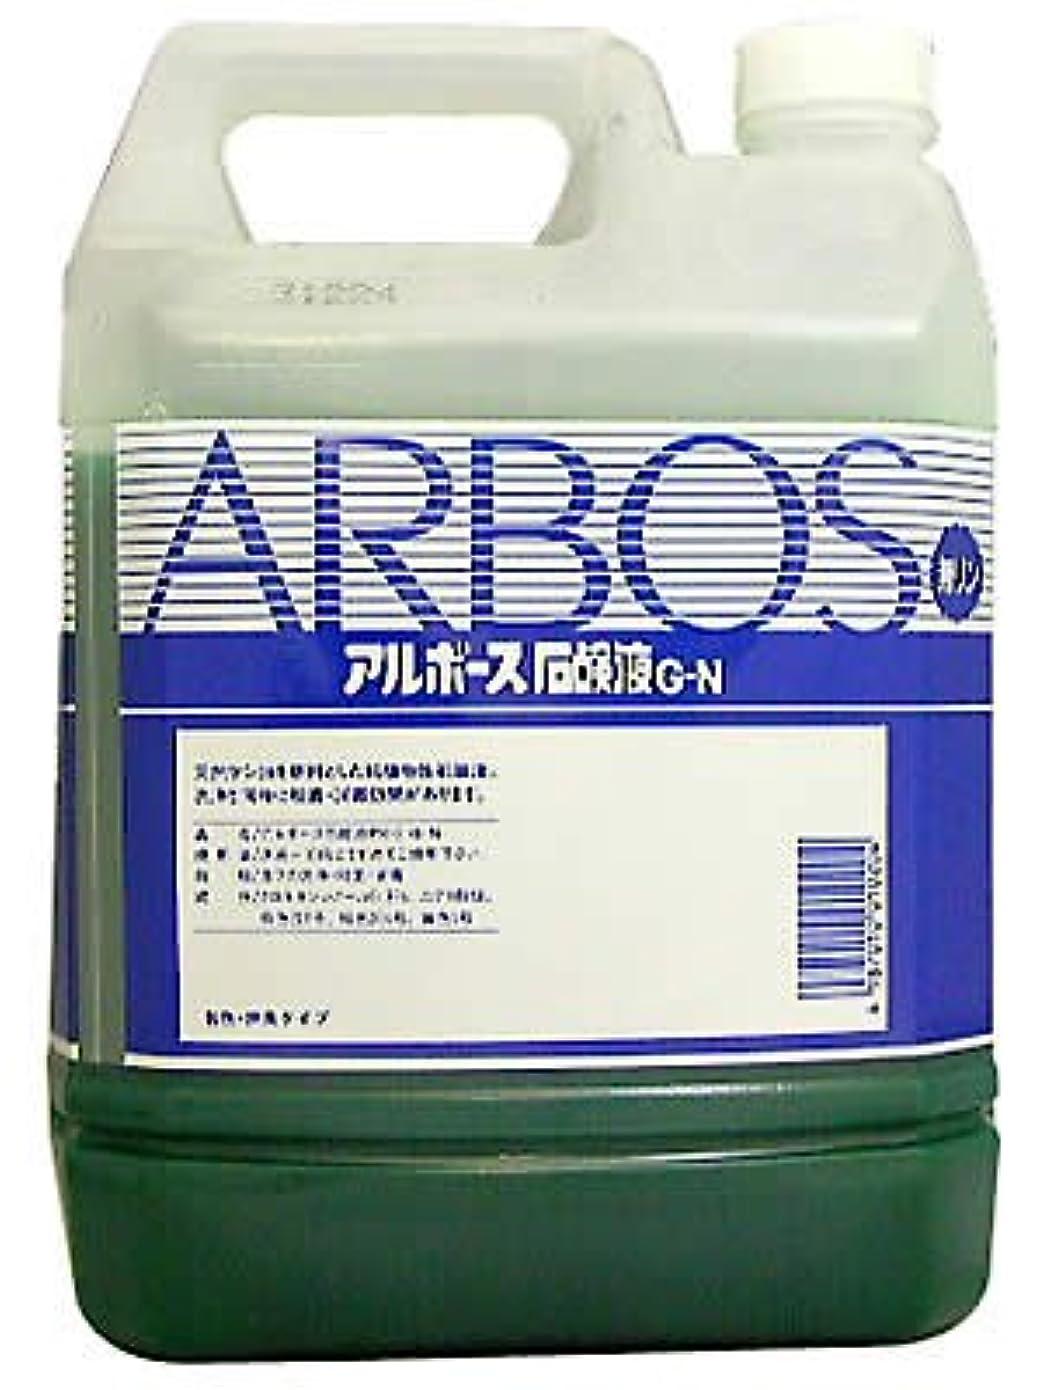 野なタッチ遊具アルボース石鹸液G-N 010204kg / 6-8601-01